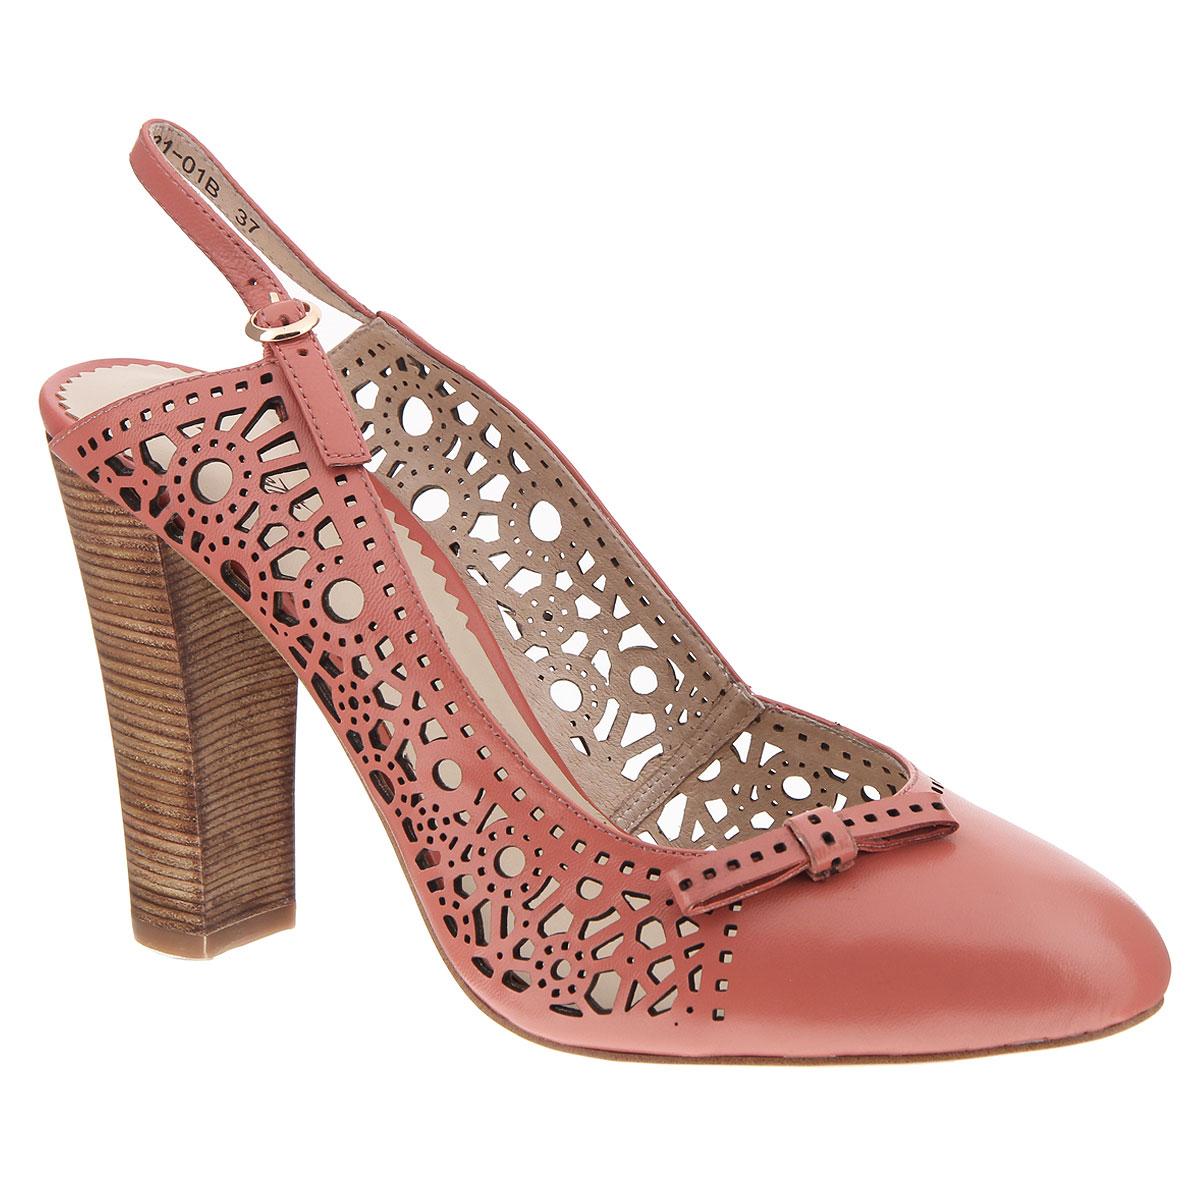 X221-01BЯркие женские туфли на каблуке от Lisette прекрасно подчеркнут ваш стиль. Верх модели и внутренняя часть выполнены из натуральной кожи. Стелька из натуральной кожи гарантирует комфорт и удобство при ходьбе. Пятка открытая. Ремешок с металлической пряжкой вокруг пятки надежно фиксирует модель на ноге. Оформлено изделие перфорацией и небольшим бантиком. Подошва выполнена из прочной резины с противоскользящим рифлением. Устойчивый широкий каблук оформлен декоративной отделкой. Такие туфли станут прекрасным дополнением вашего гардероба. Они сделают вас ярче и подчеркнут вашу индивидуальность.